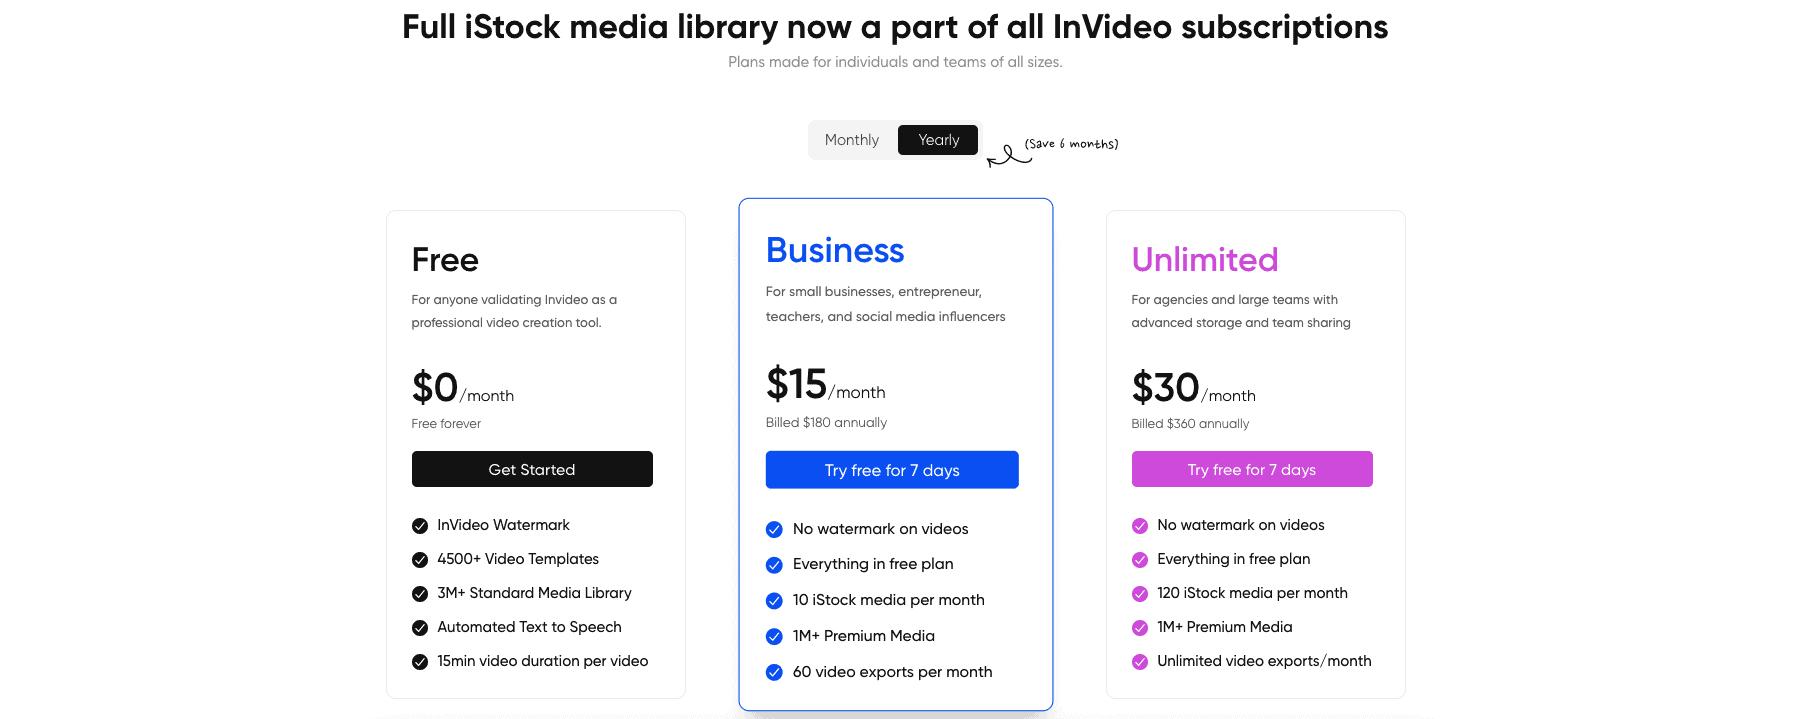 cennik invideo - plany cenowe ile to. kosztuje?